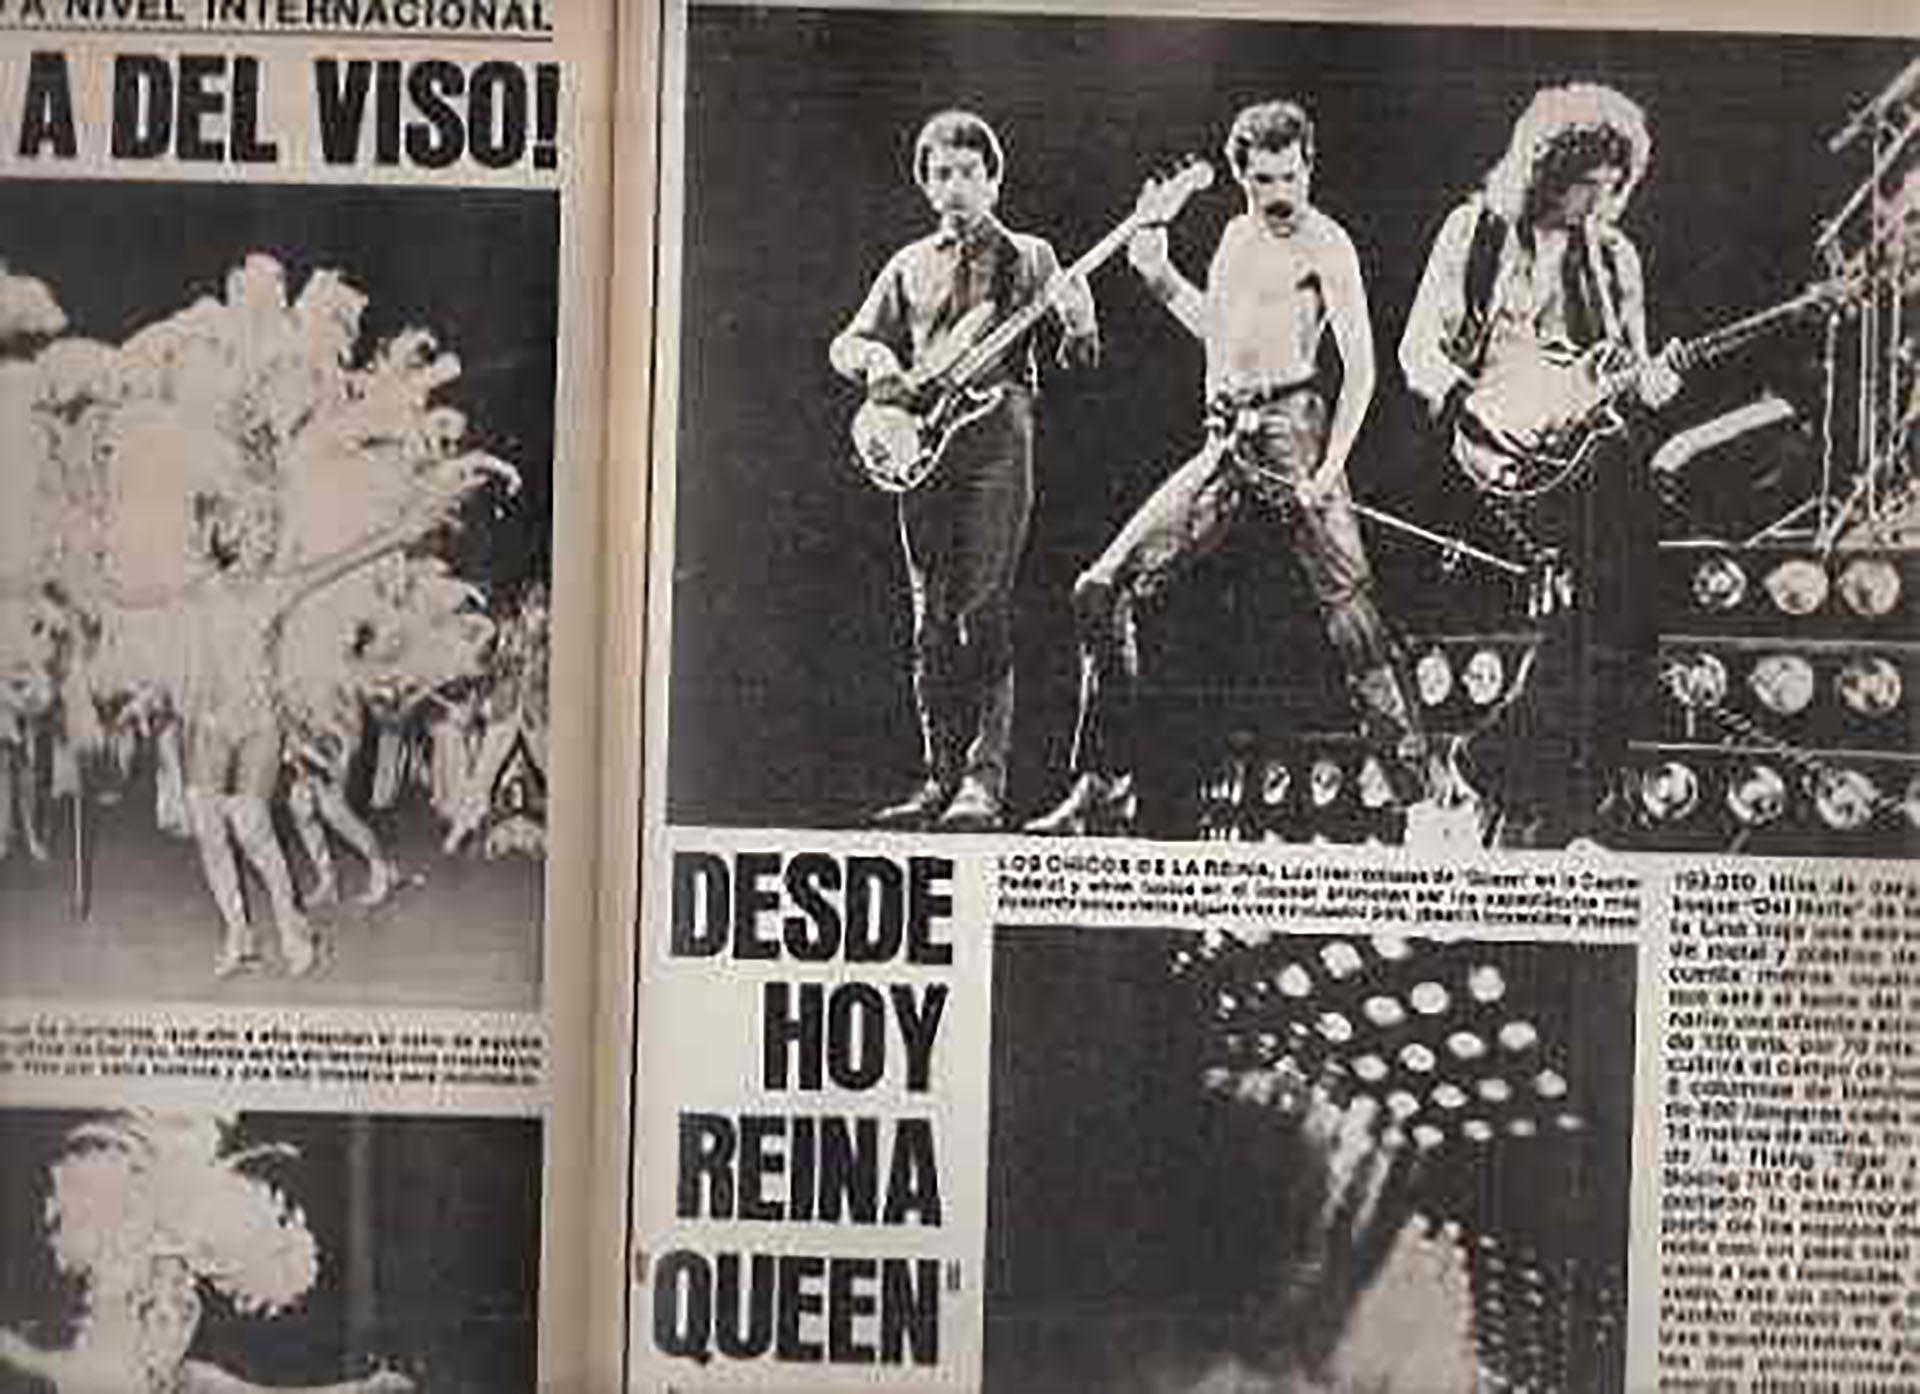 40 años del mejor Queen en Argentina - Infobae